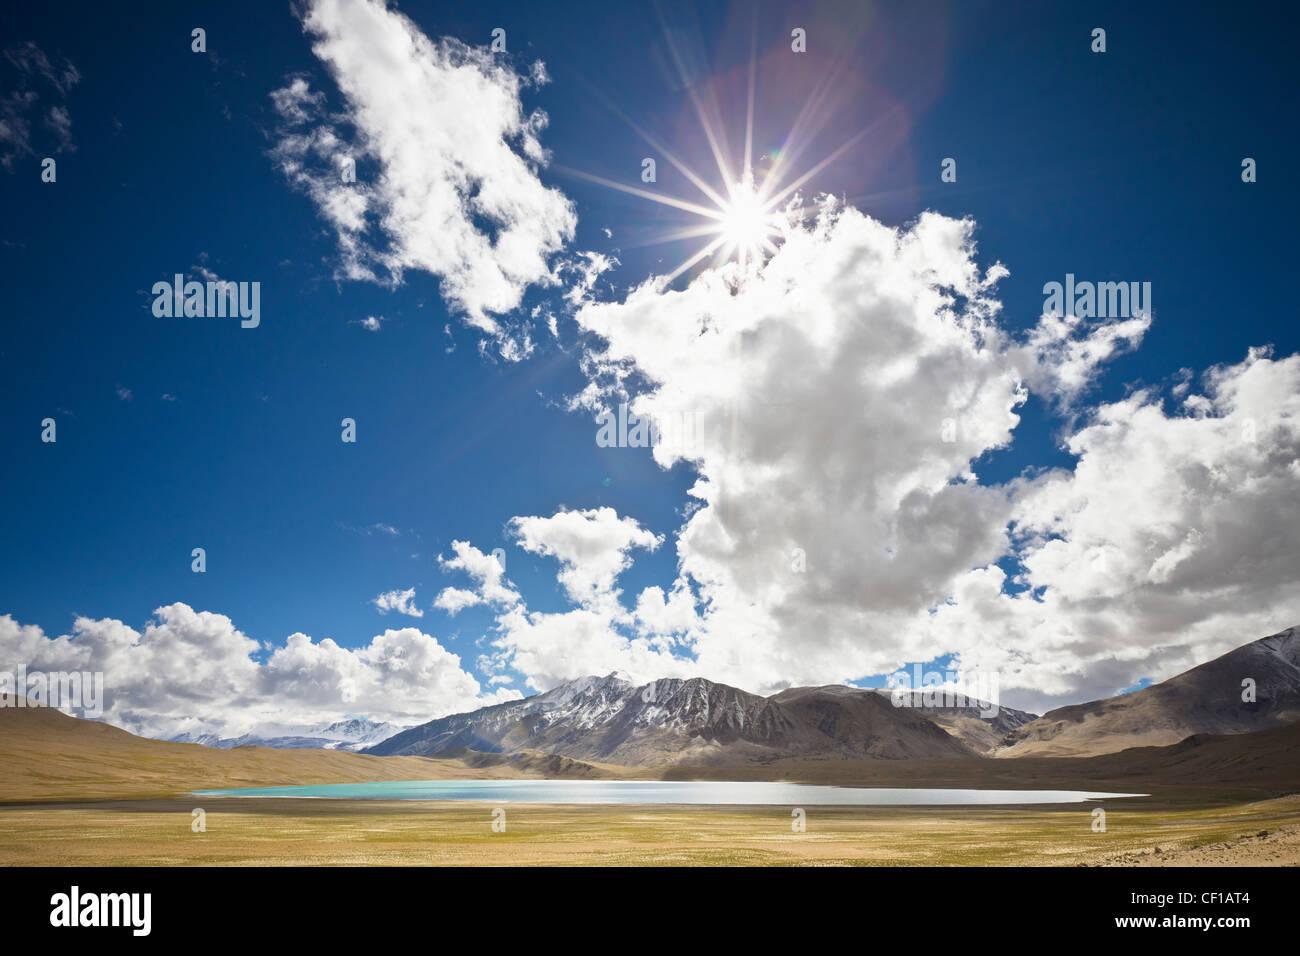 Sonne und Wolken über einem See und Berge; Ladakh Jammu und Kaschmir Indien Stockbild